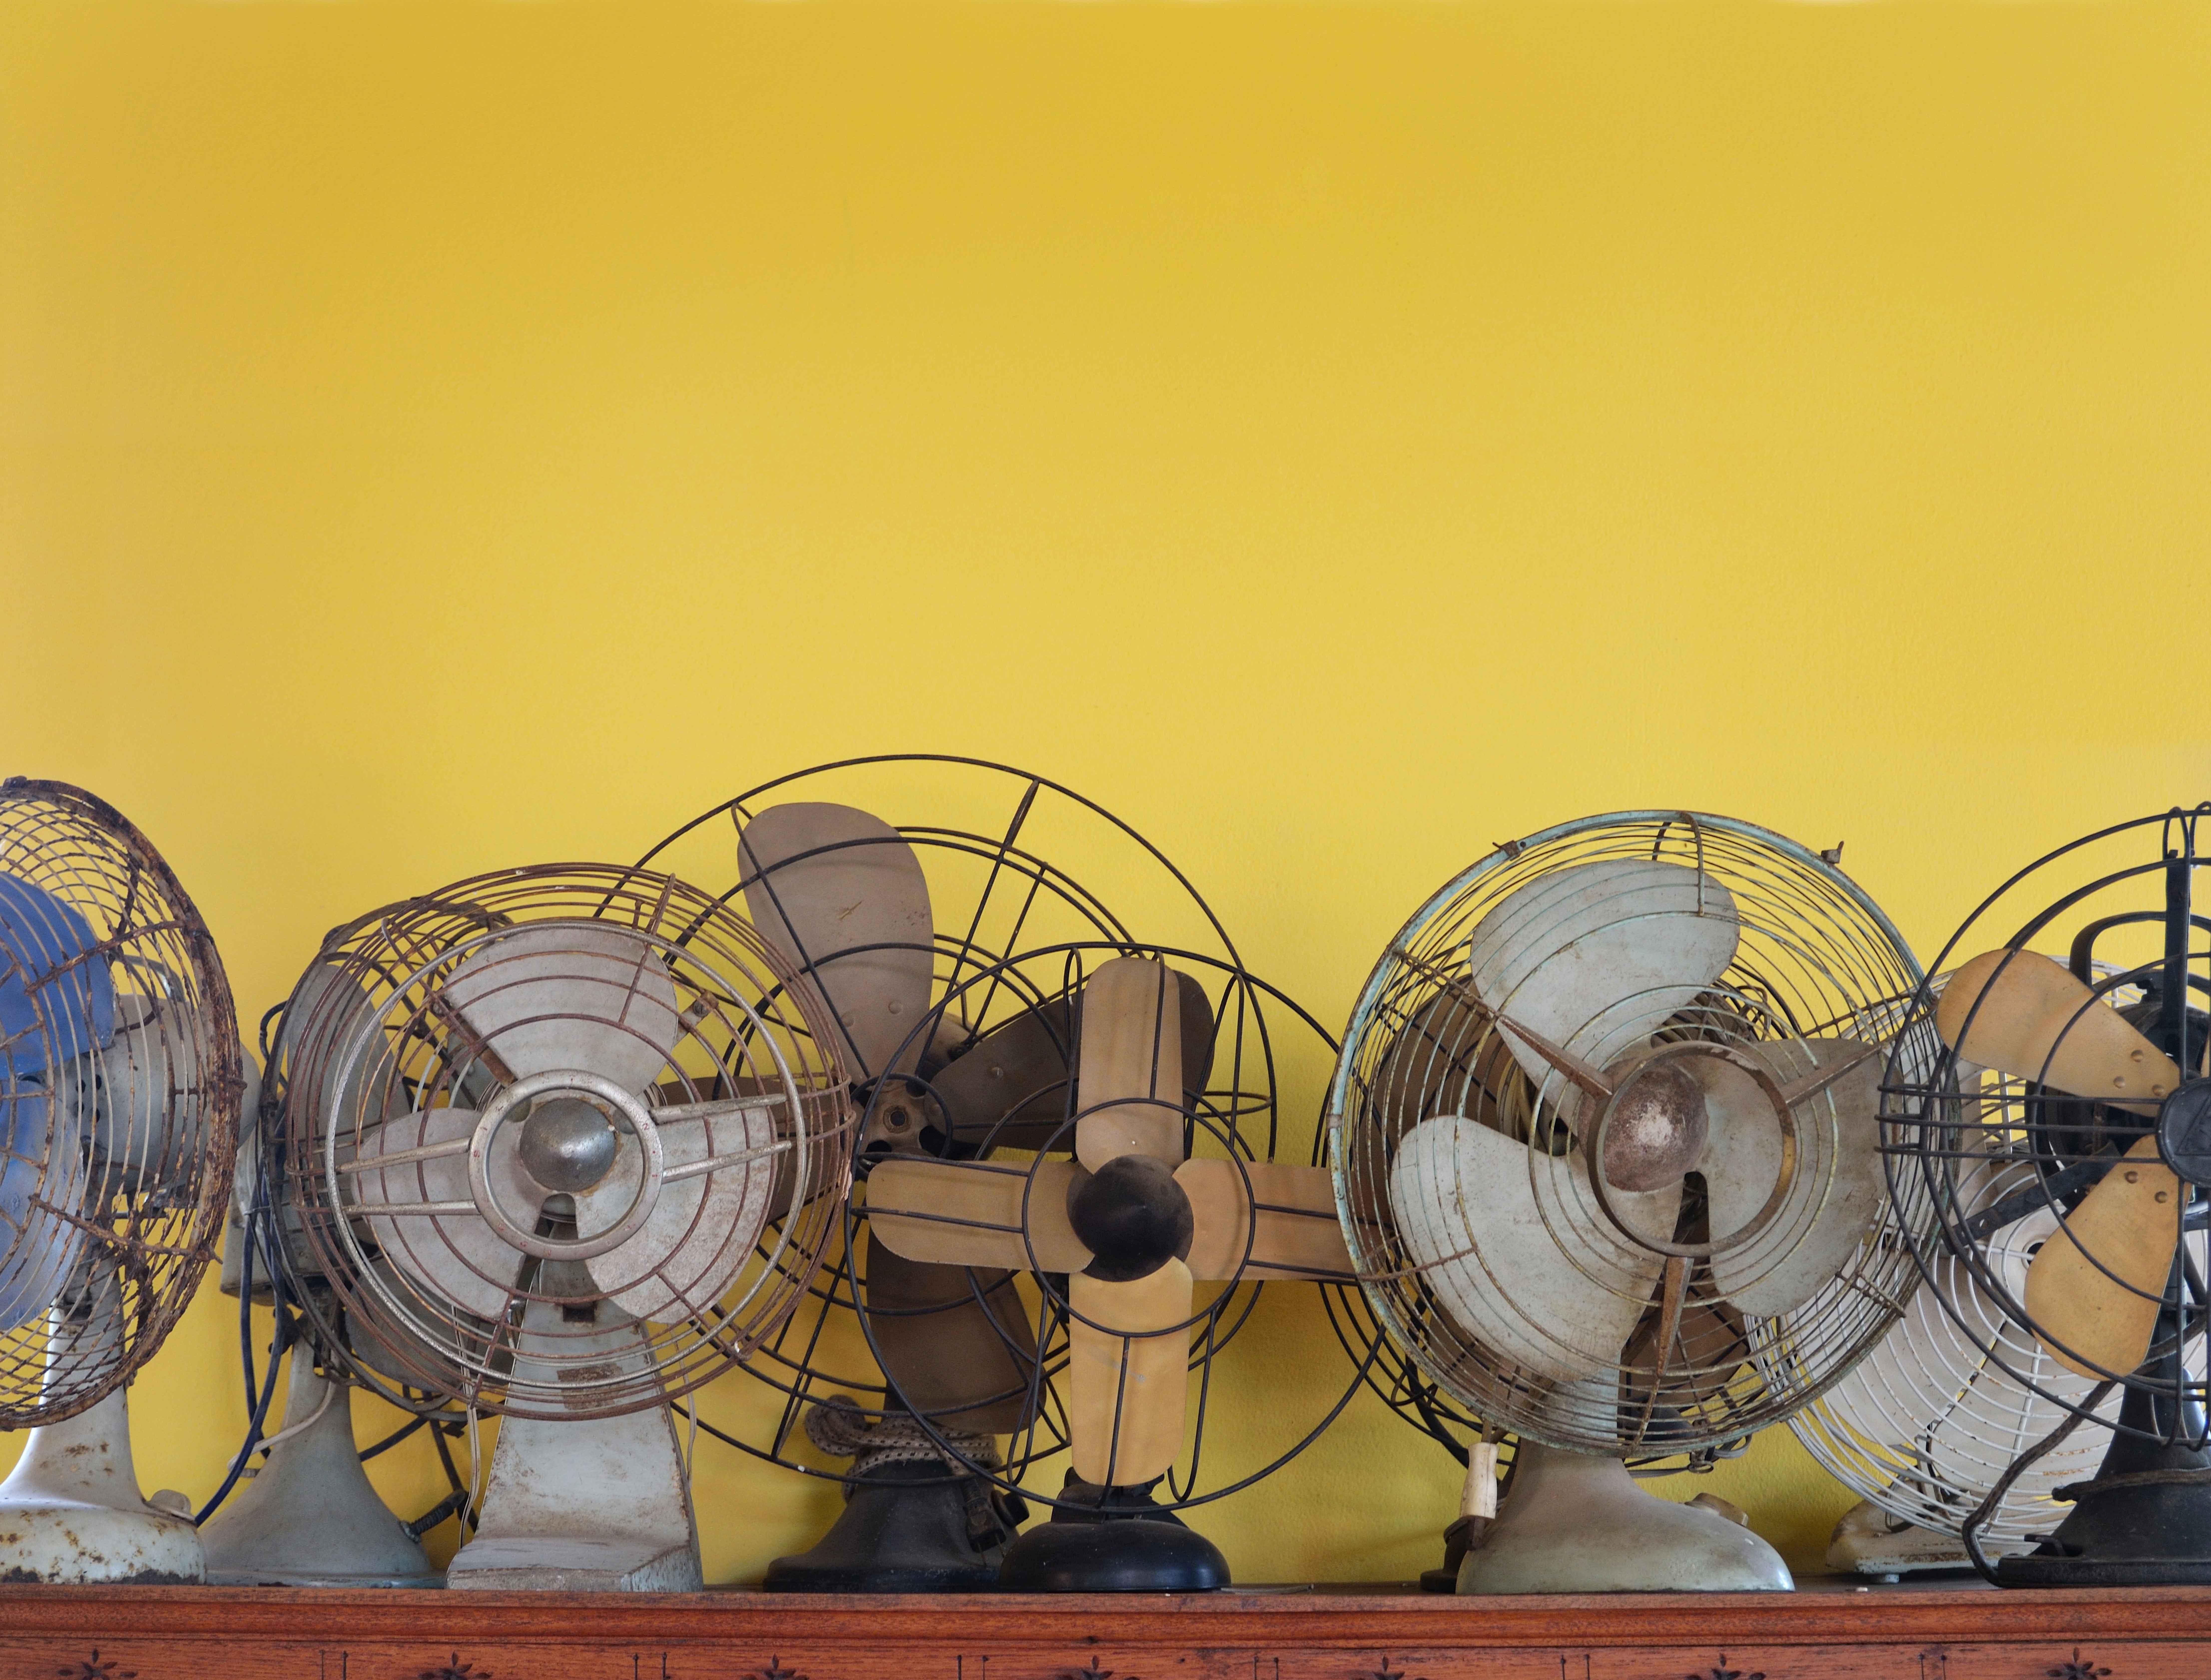 Evolution of fans